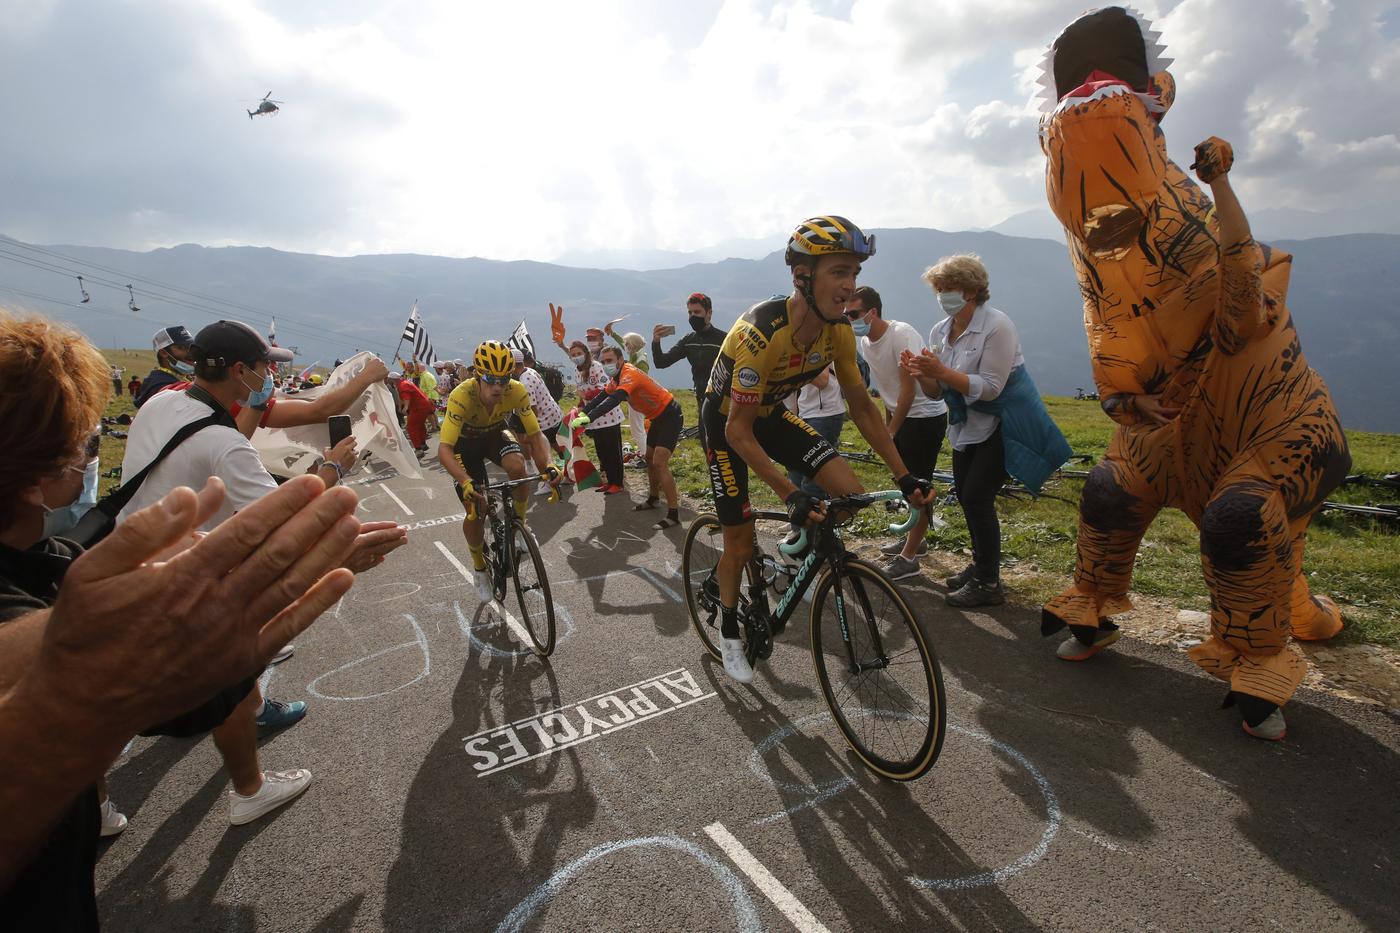 """Ciclismo, Sepp Kuss: """"Nel 2020 vorrei correre da capitano alla Volta a Catalunya, al Giro dei Paesi Baschi e alla Vuelta"""""""